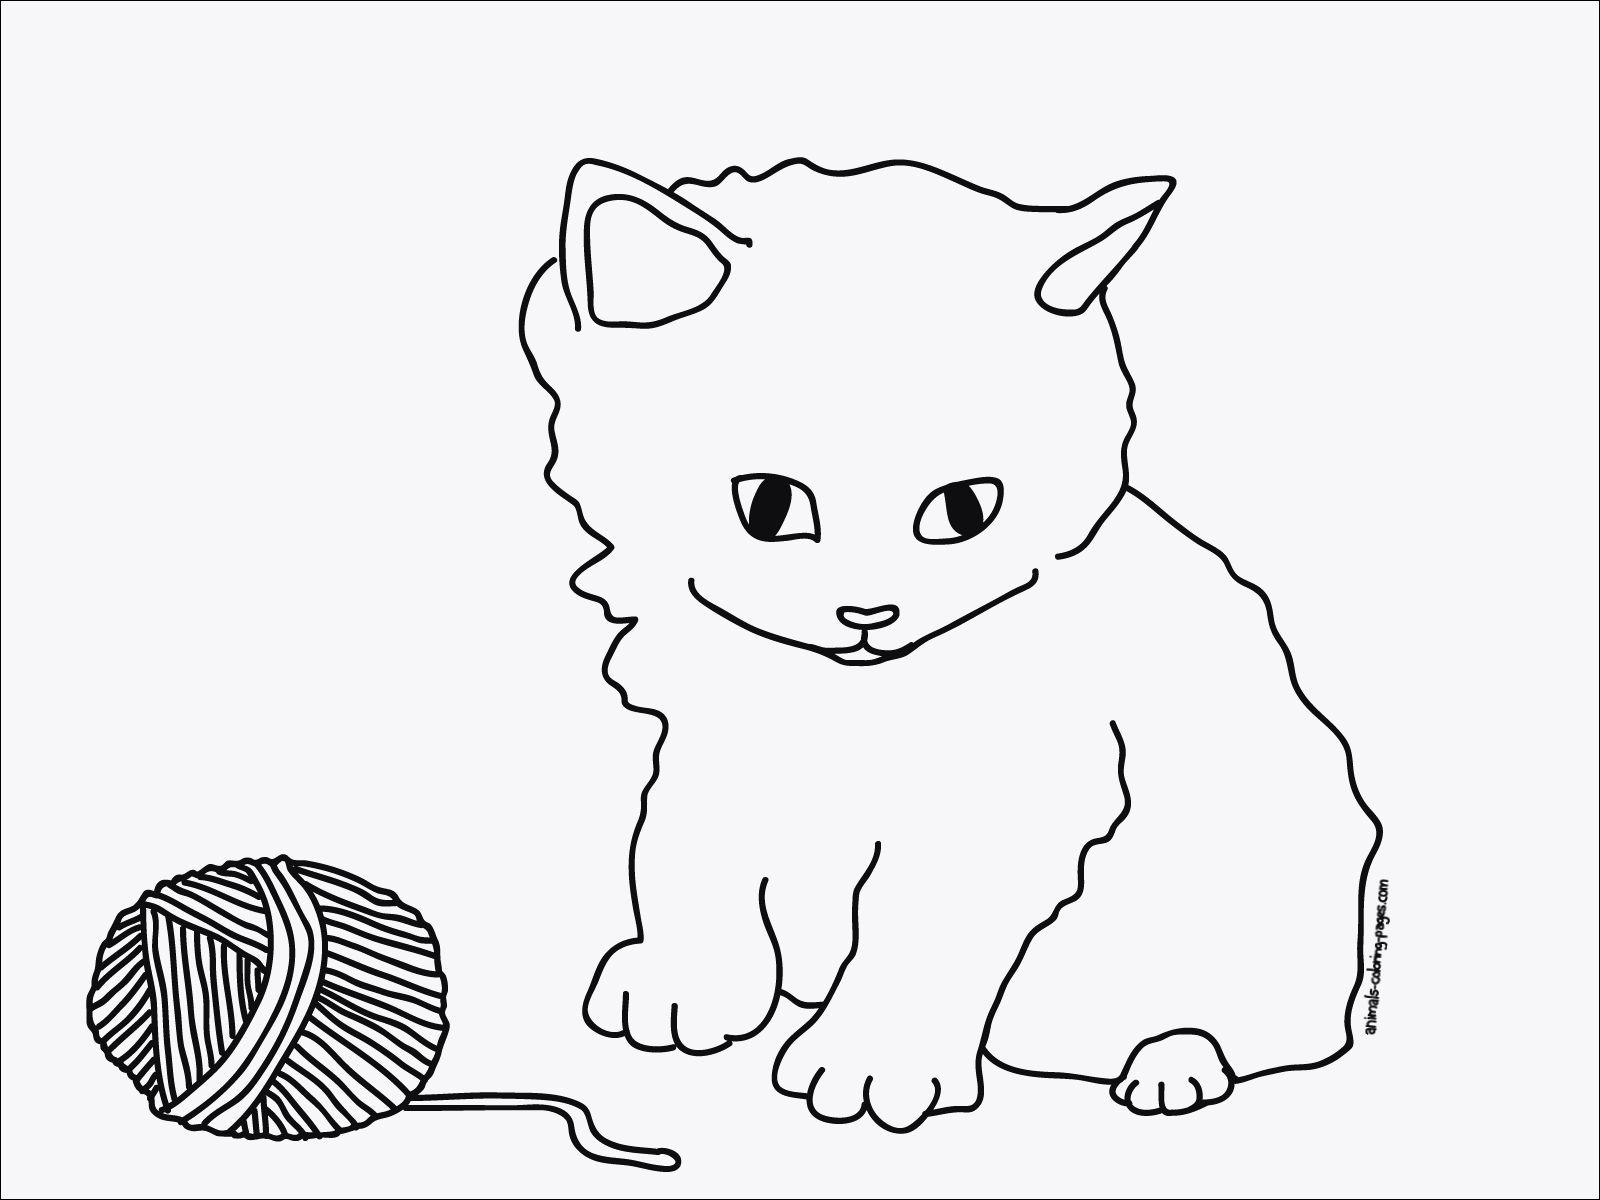 Ausmalbilder Katzen Und Hunde Genial Ausmalbilder Kostenlos Katzen Bilder